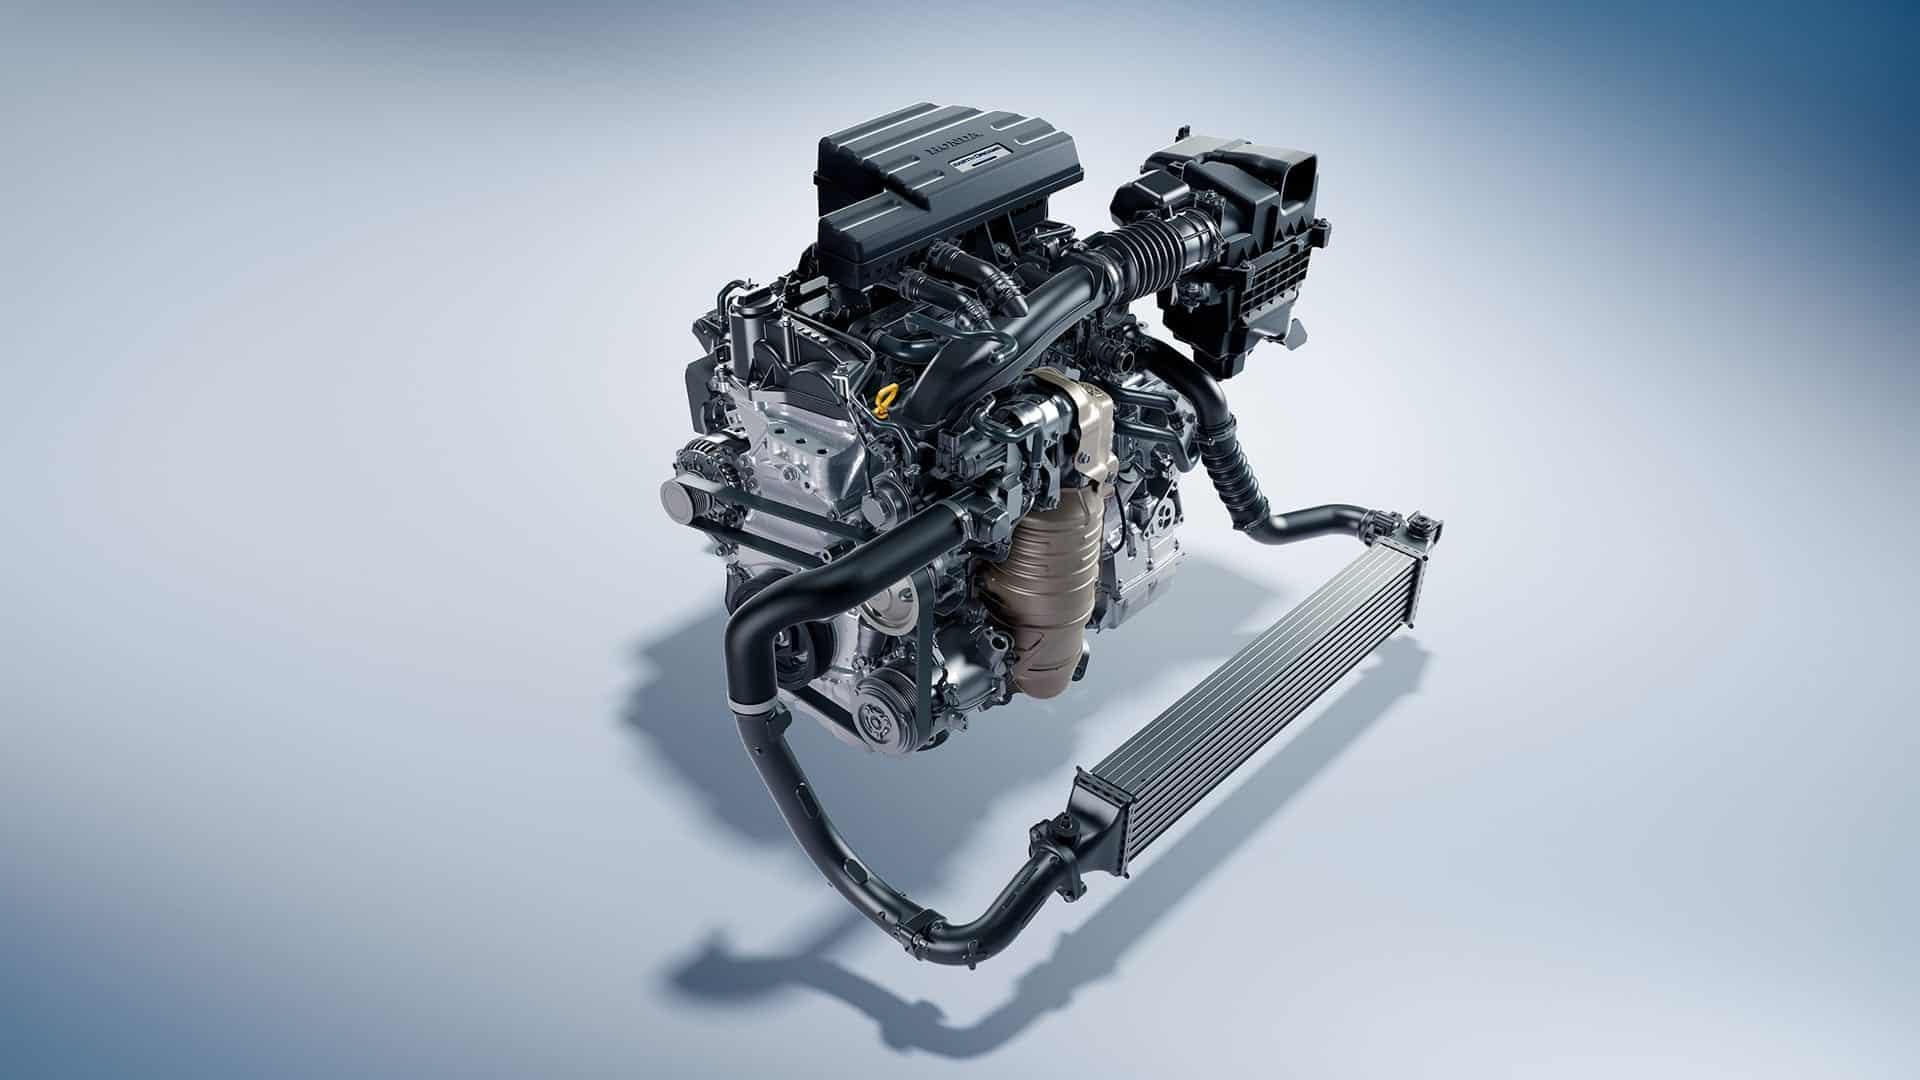 CR-V - Motor 1.5l TURBO 190cv DOHC 16V duplo VTC